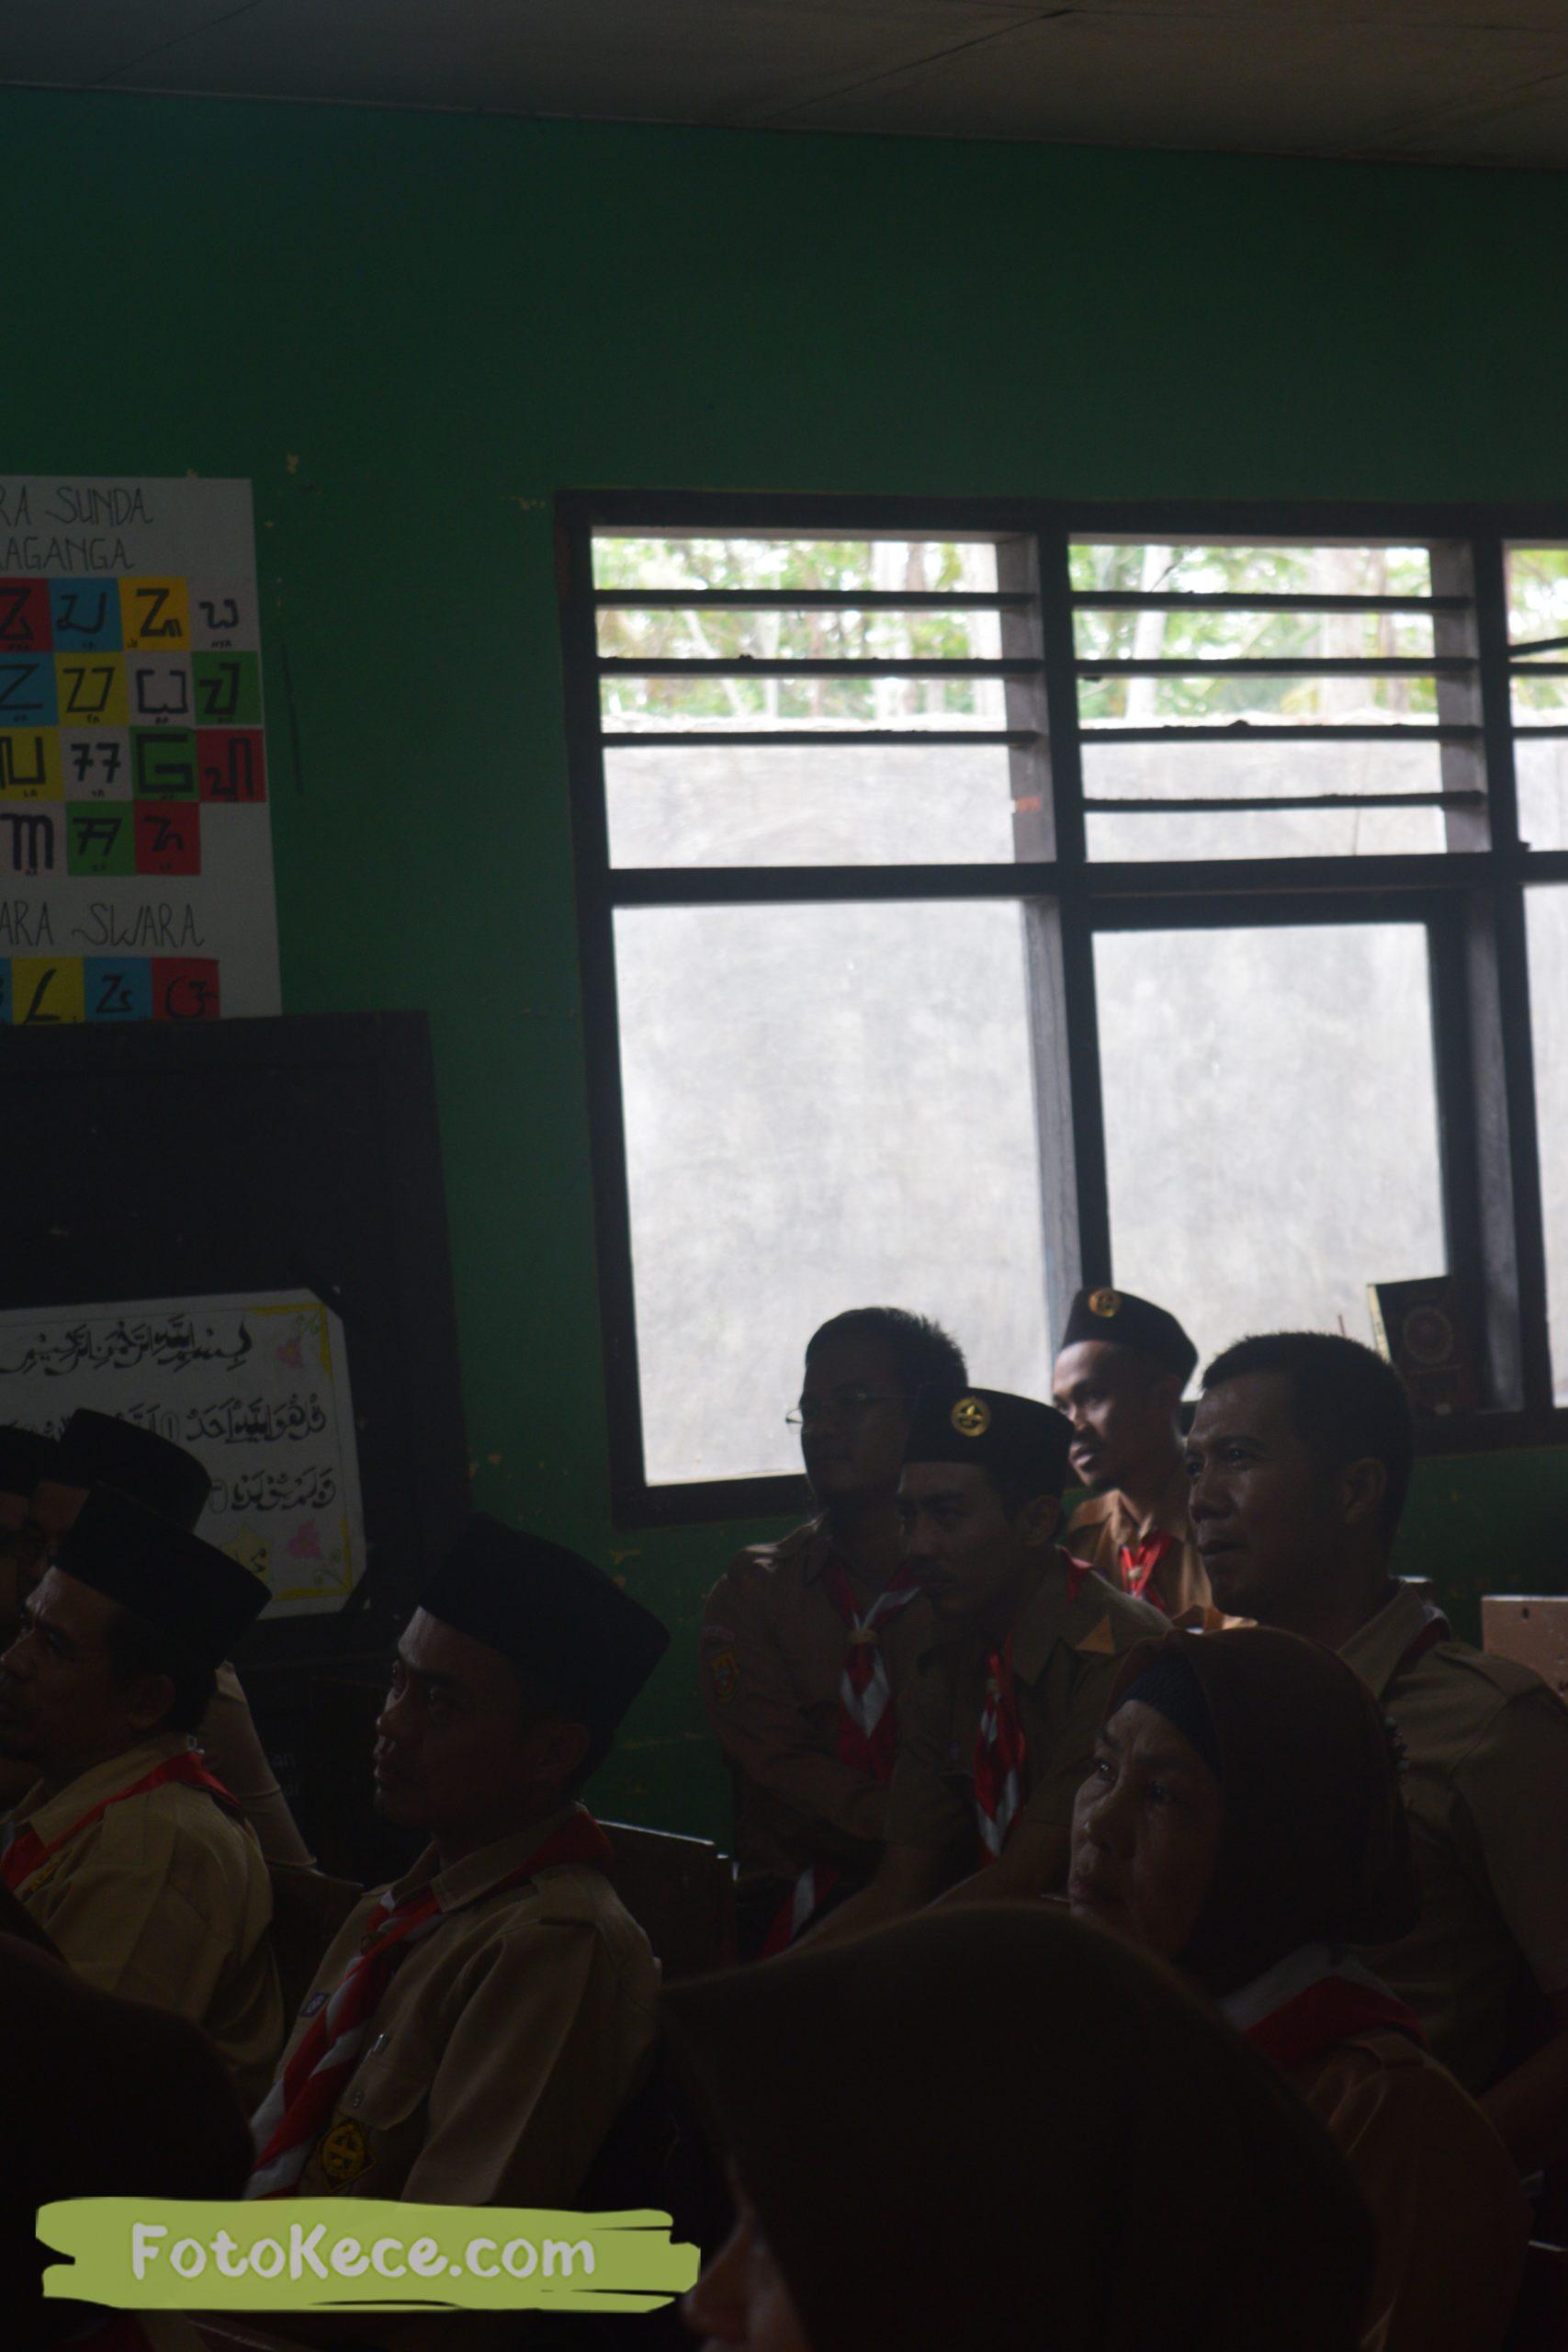 indoor kursus pembina mahir tingkat dasar kmd kwartir ranting surade 2019 fotokece Des 2019 38 scaled